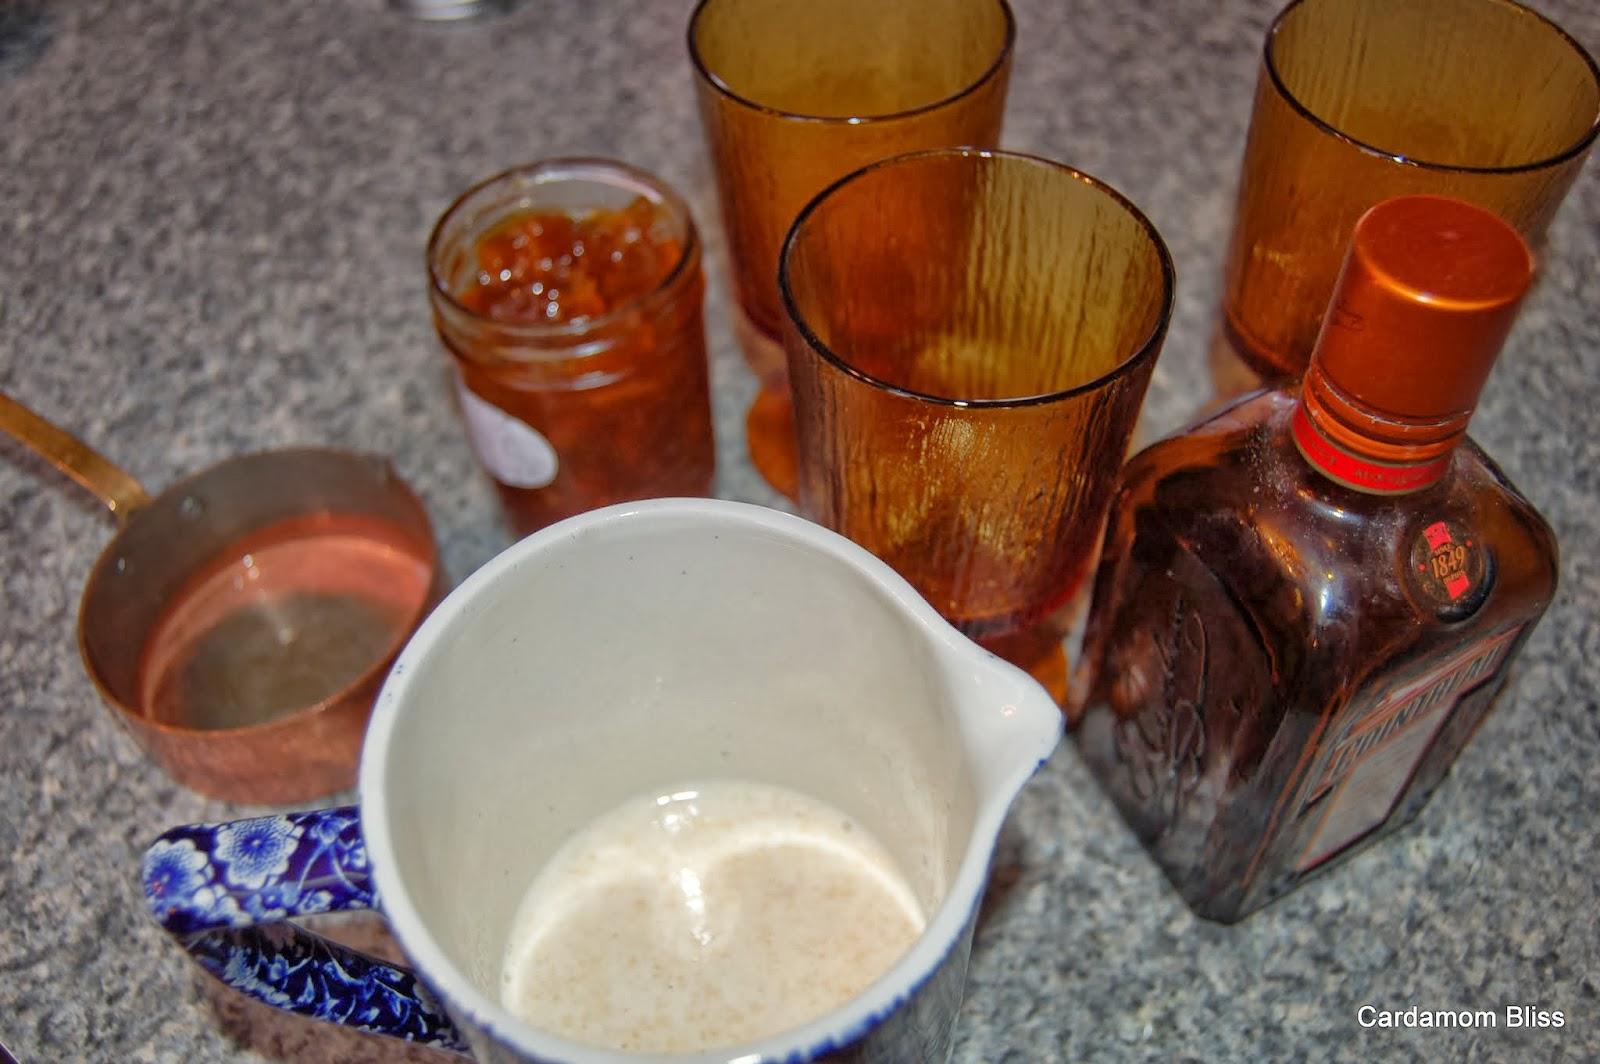 Creamy milk, Seville marmalade, Cointreau, how delicious!